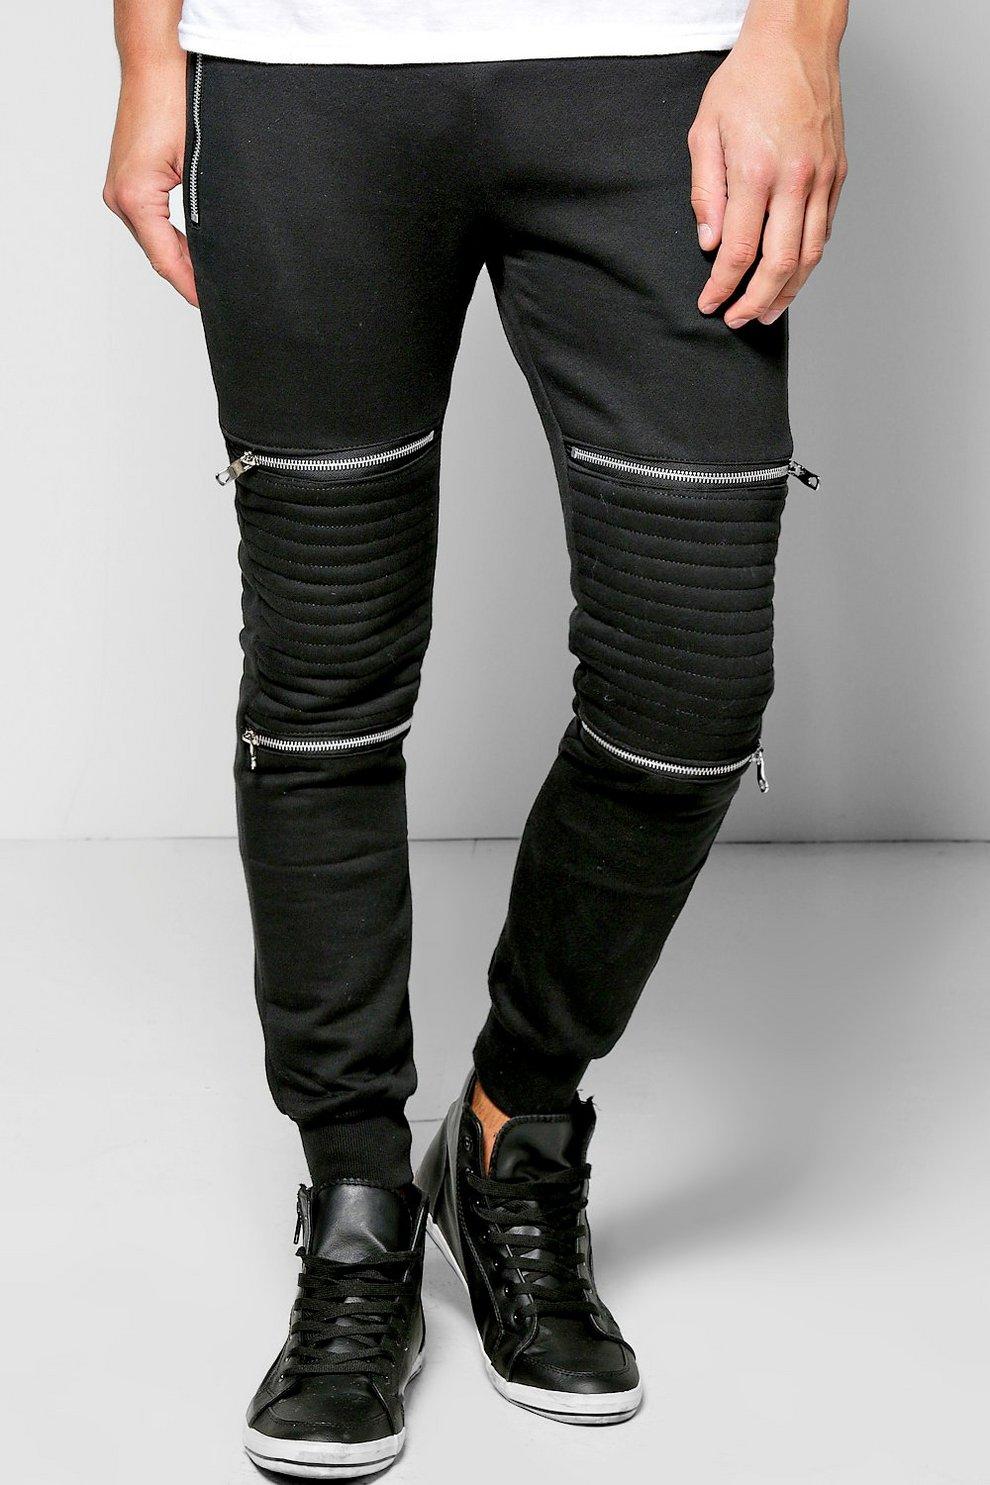 7daab887e4 Schmal geschnittene Jogginghose im Biker-Stil mit ...